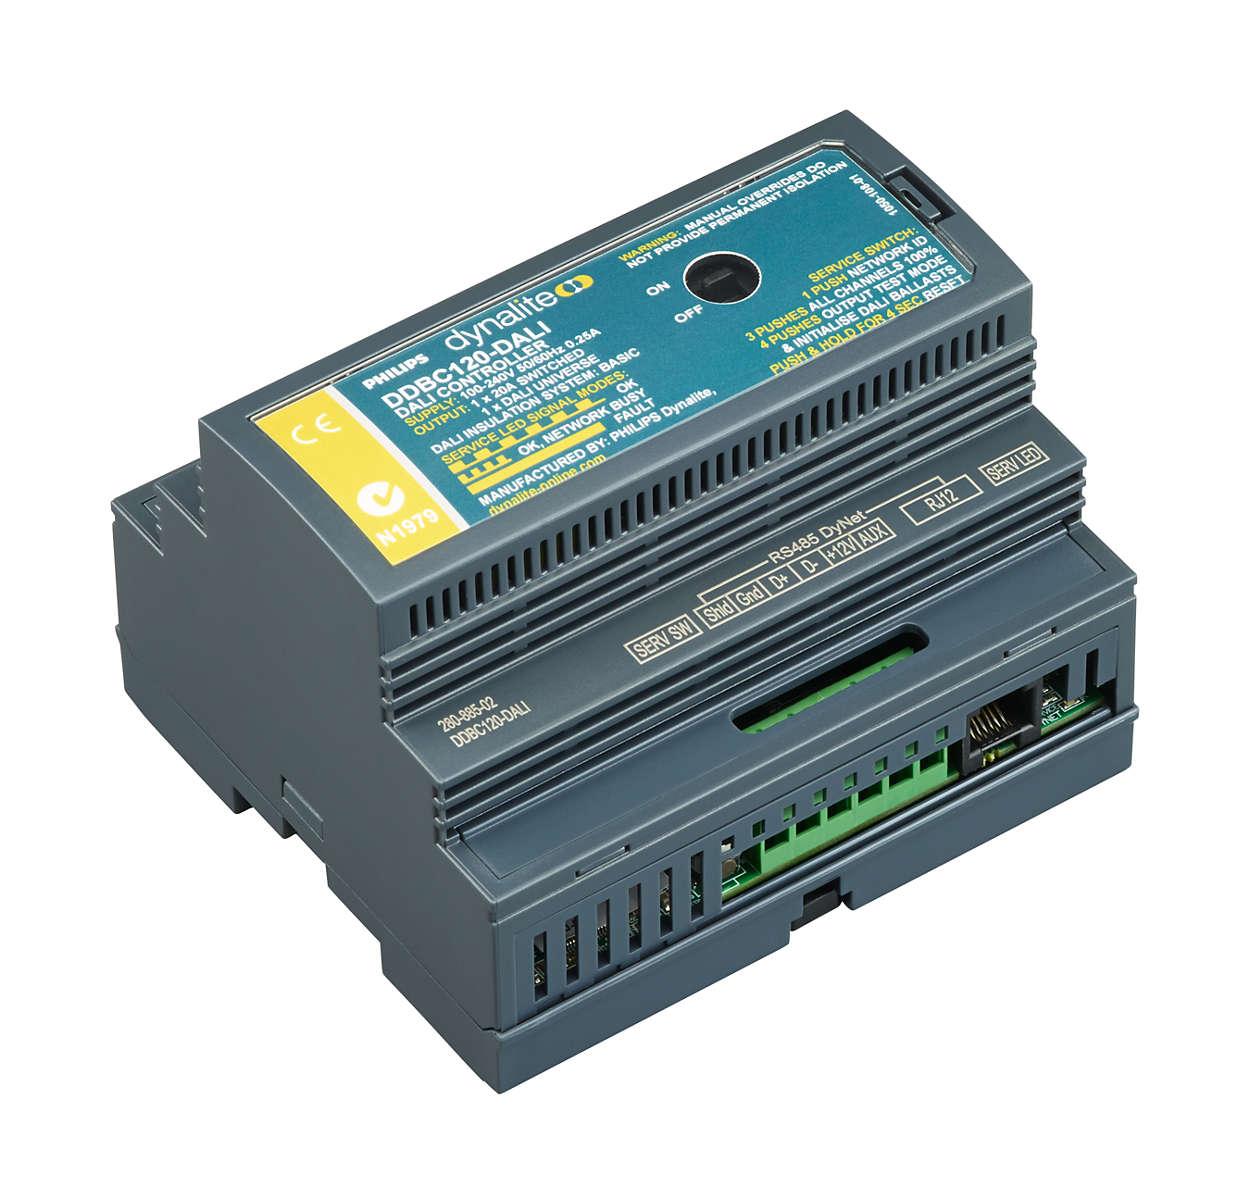 Energooszczędne systemy sterowania oświetleniem o zaawansowanej technice i prostej obsłudze